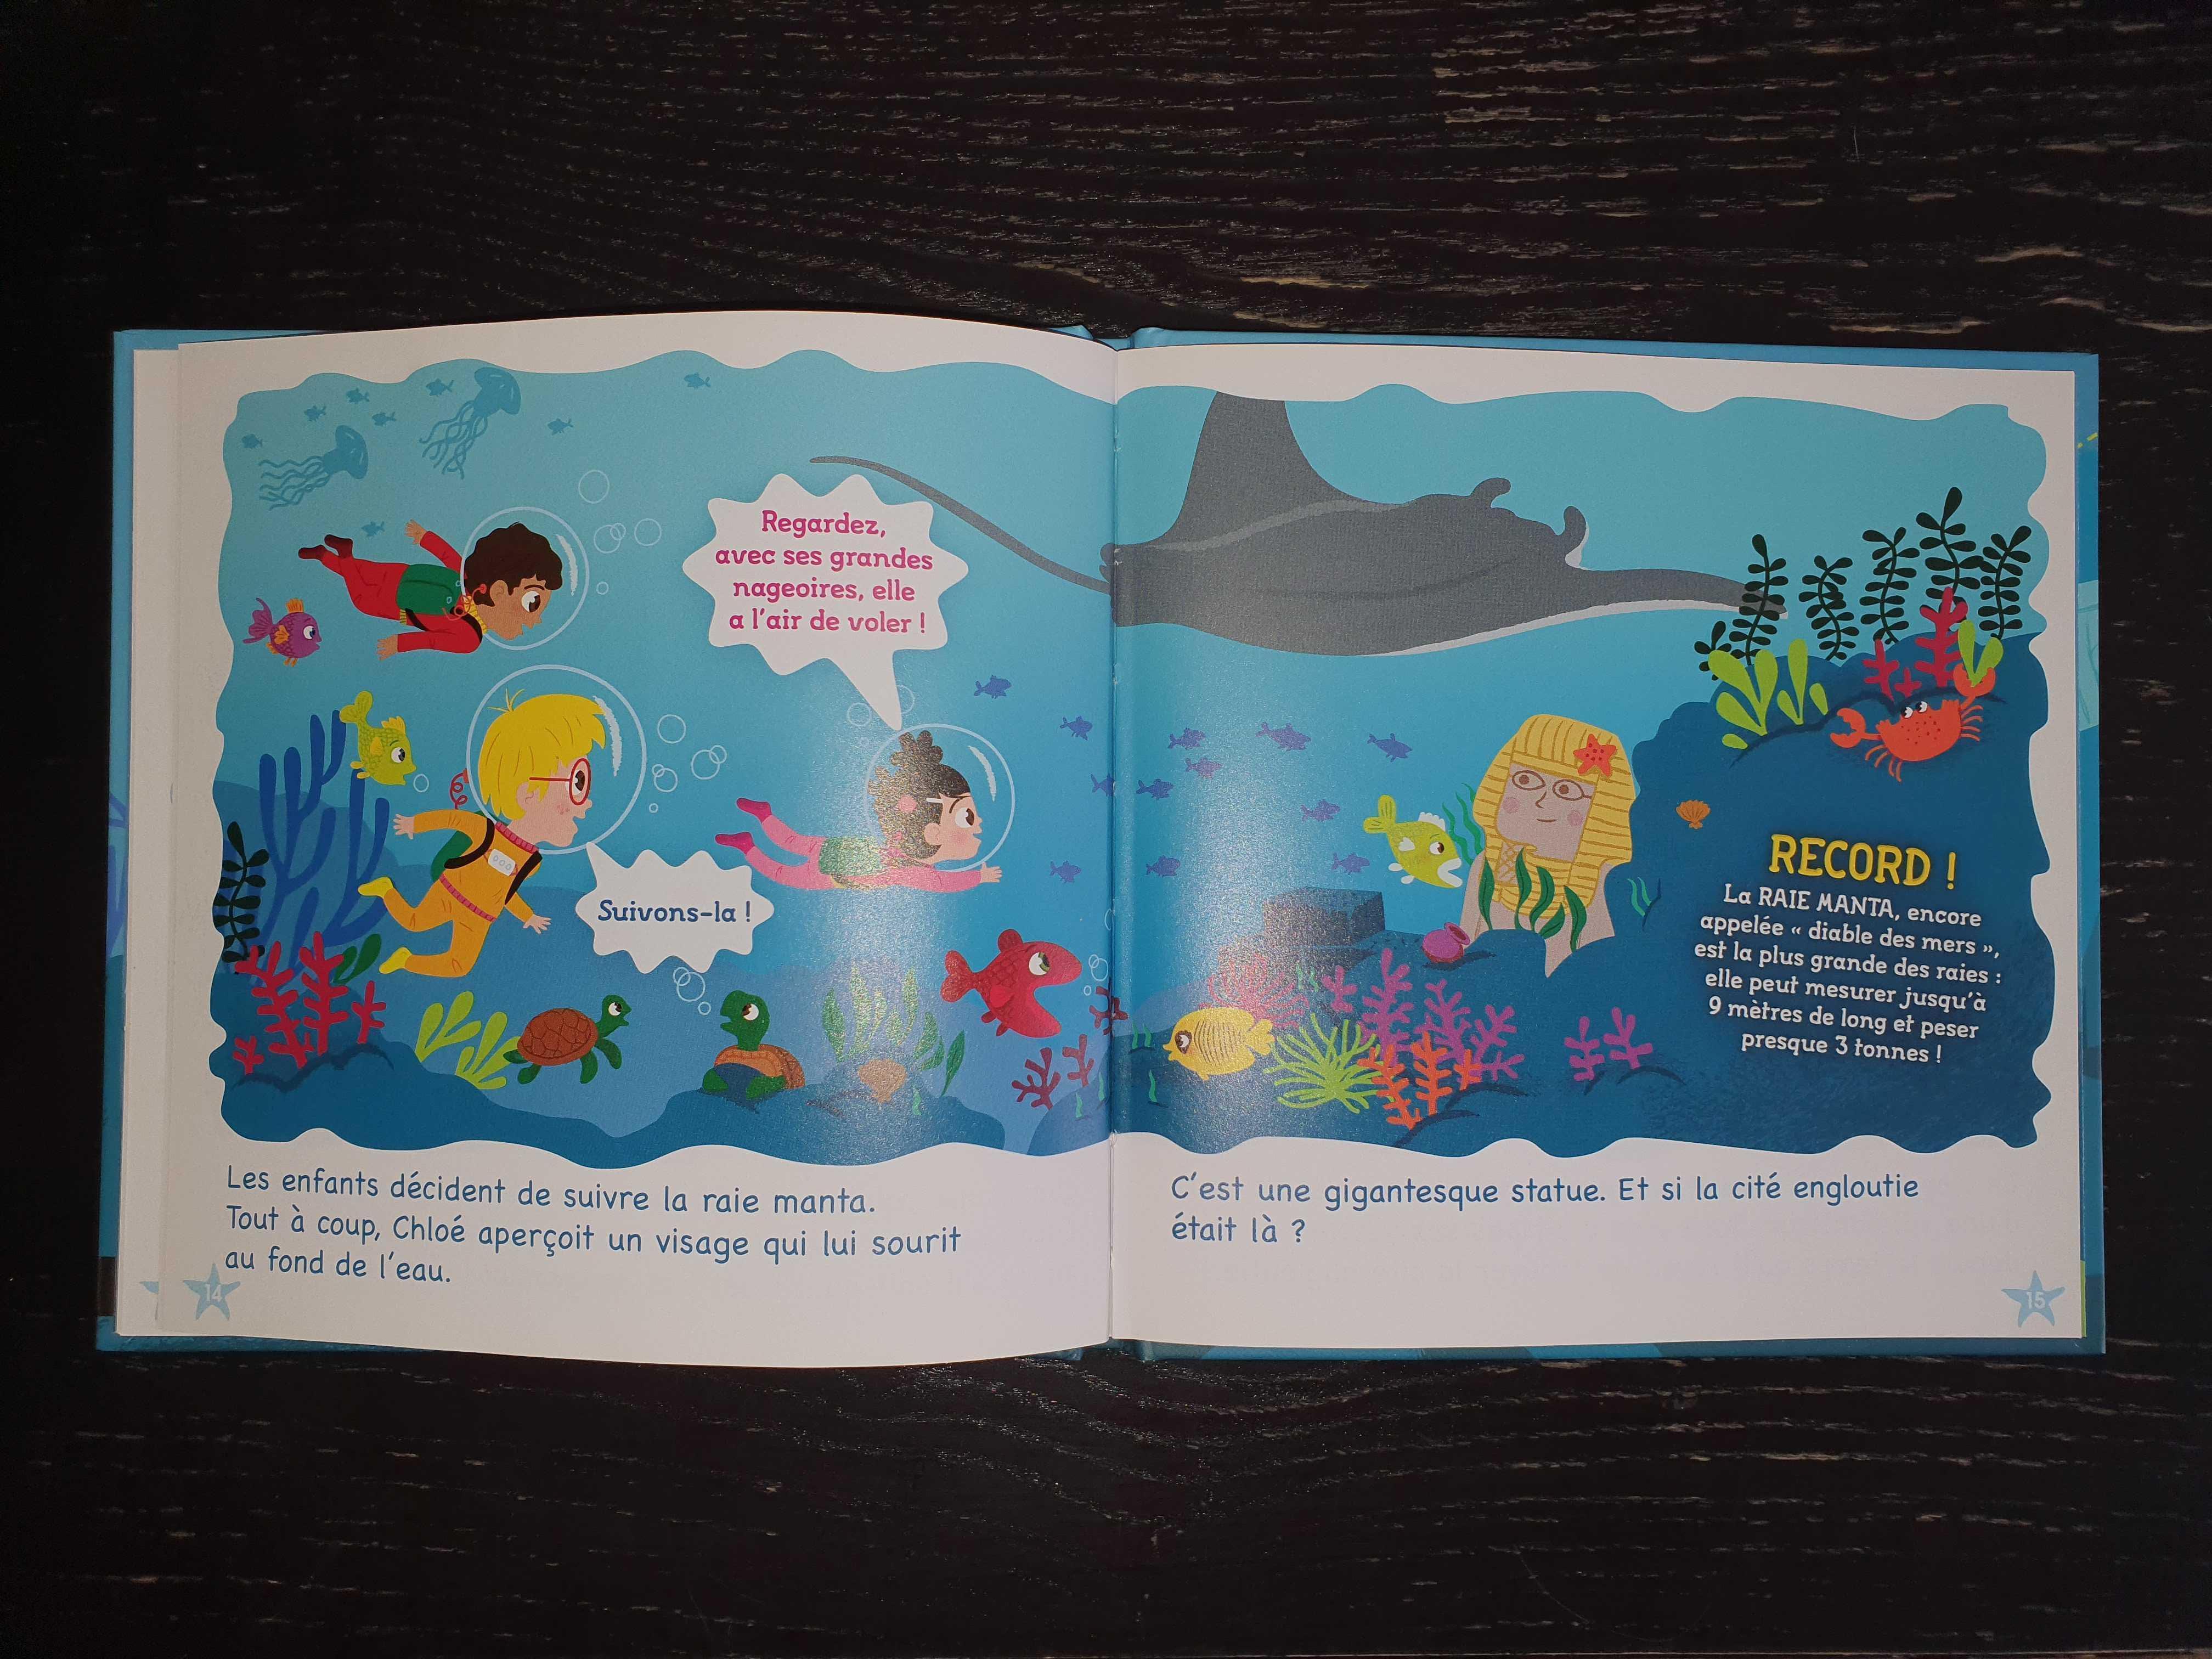 troc de troc livre enfant - réservé gr image 2